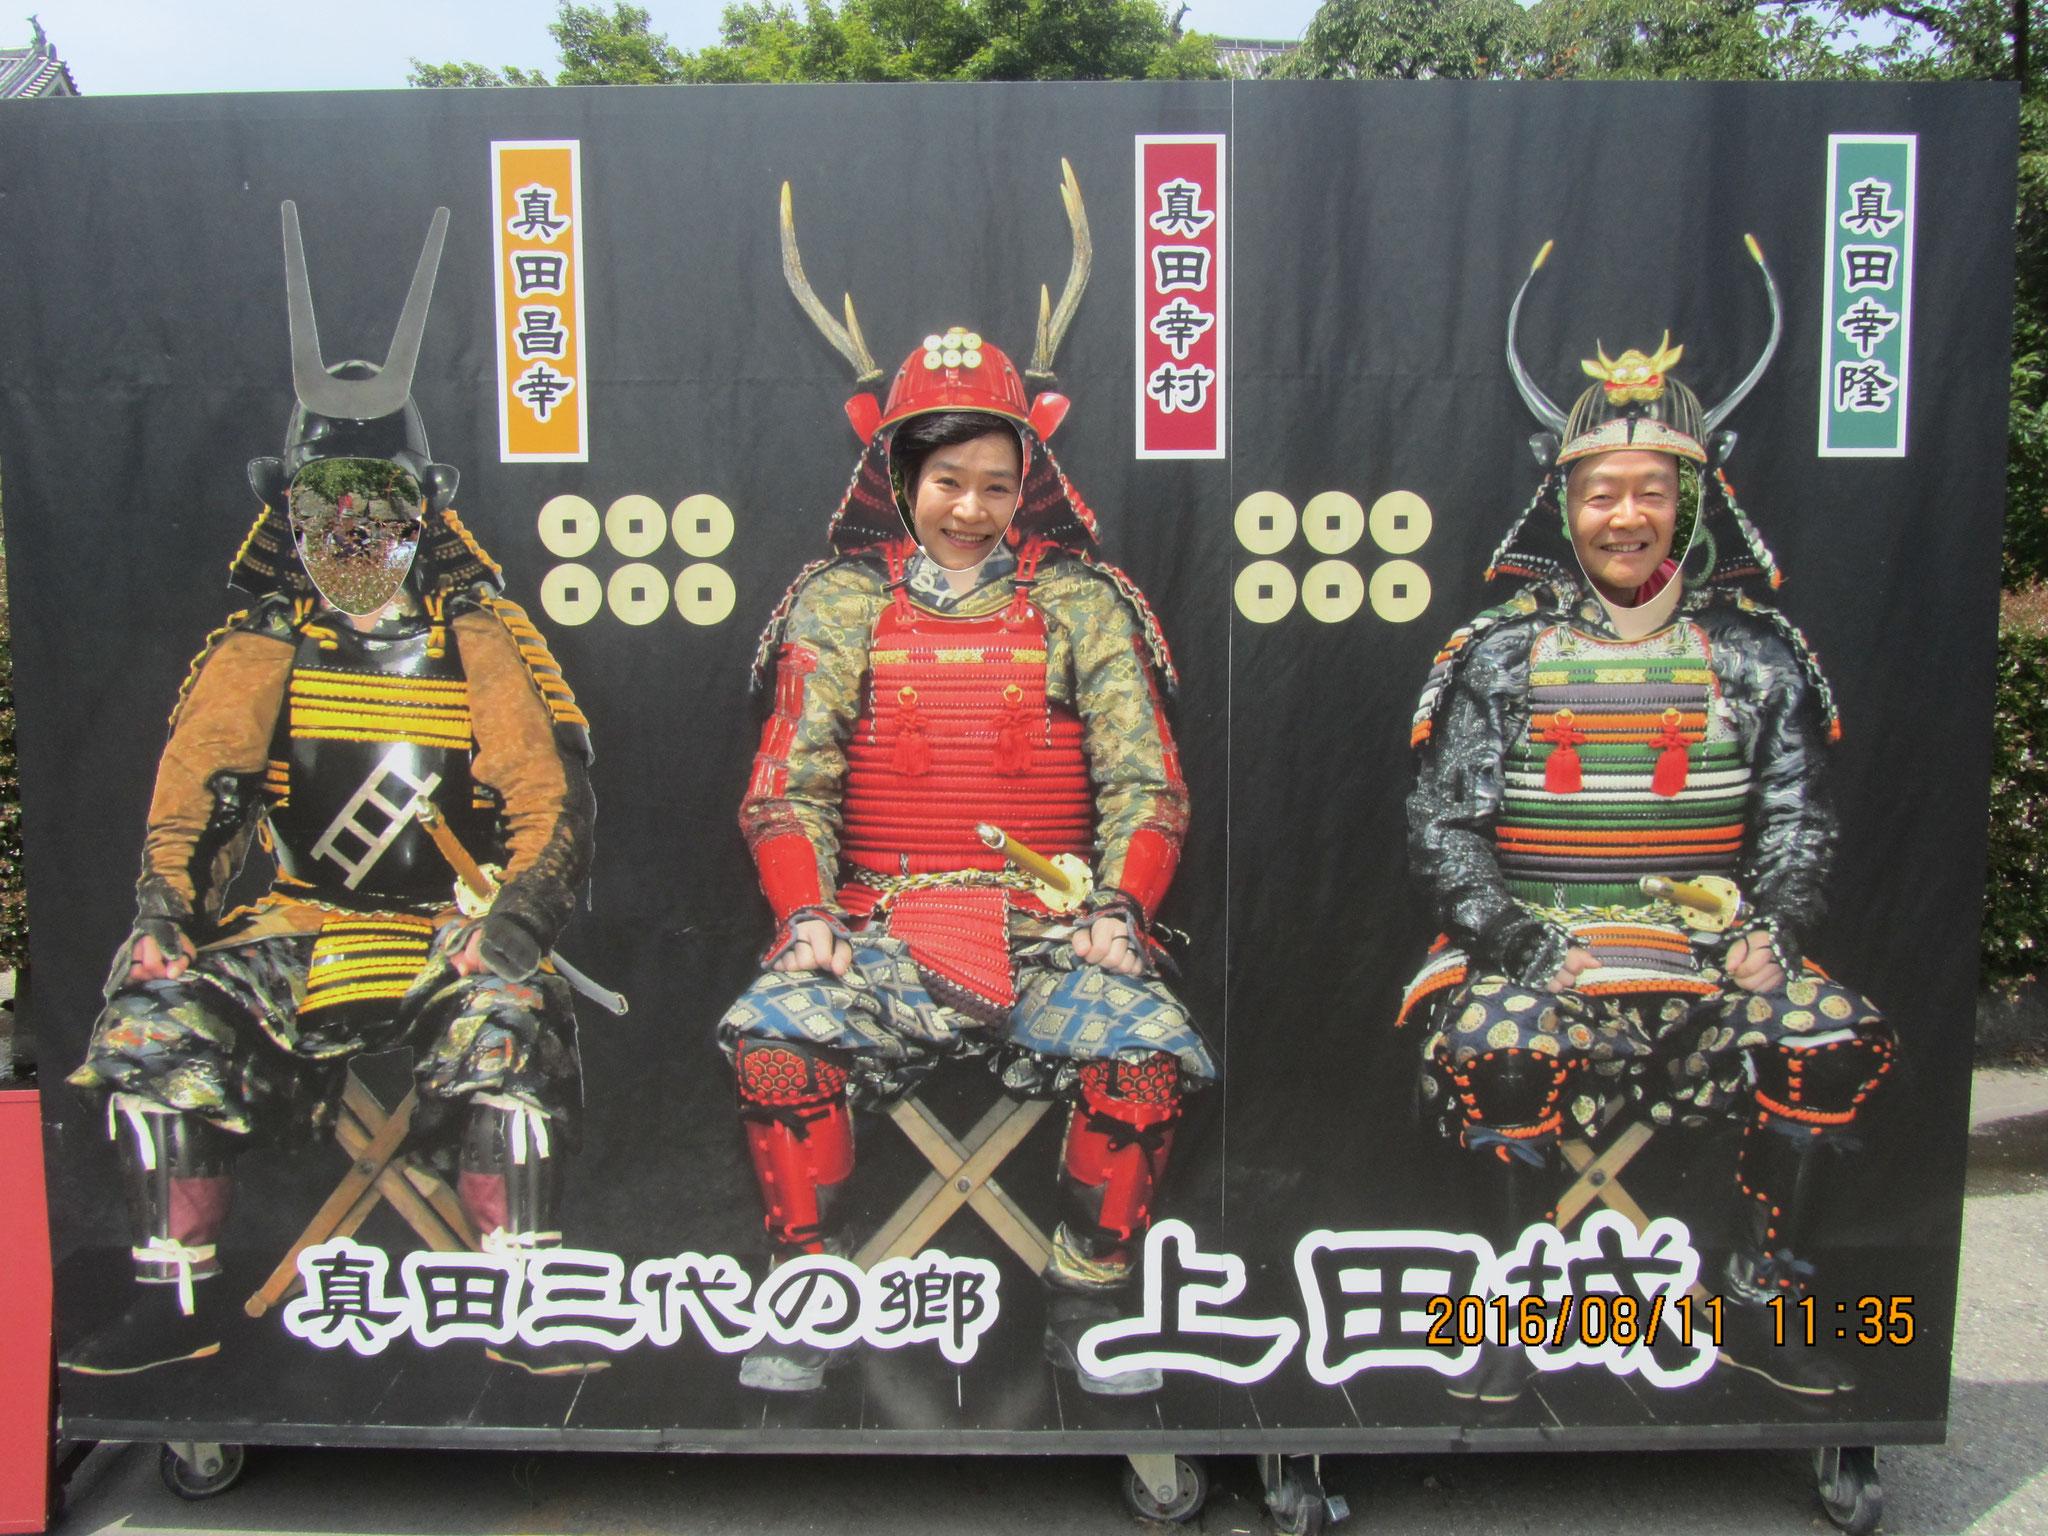 上田城は幸村の父、真田昌幸(まさゆき)が1583年(天正11年)に築城。